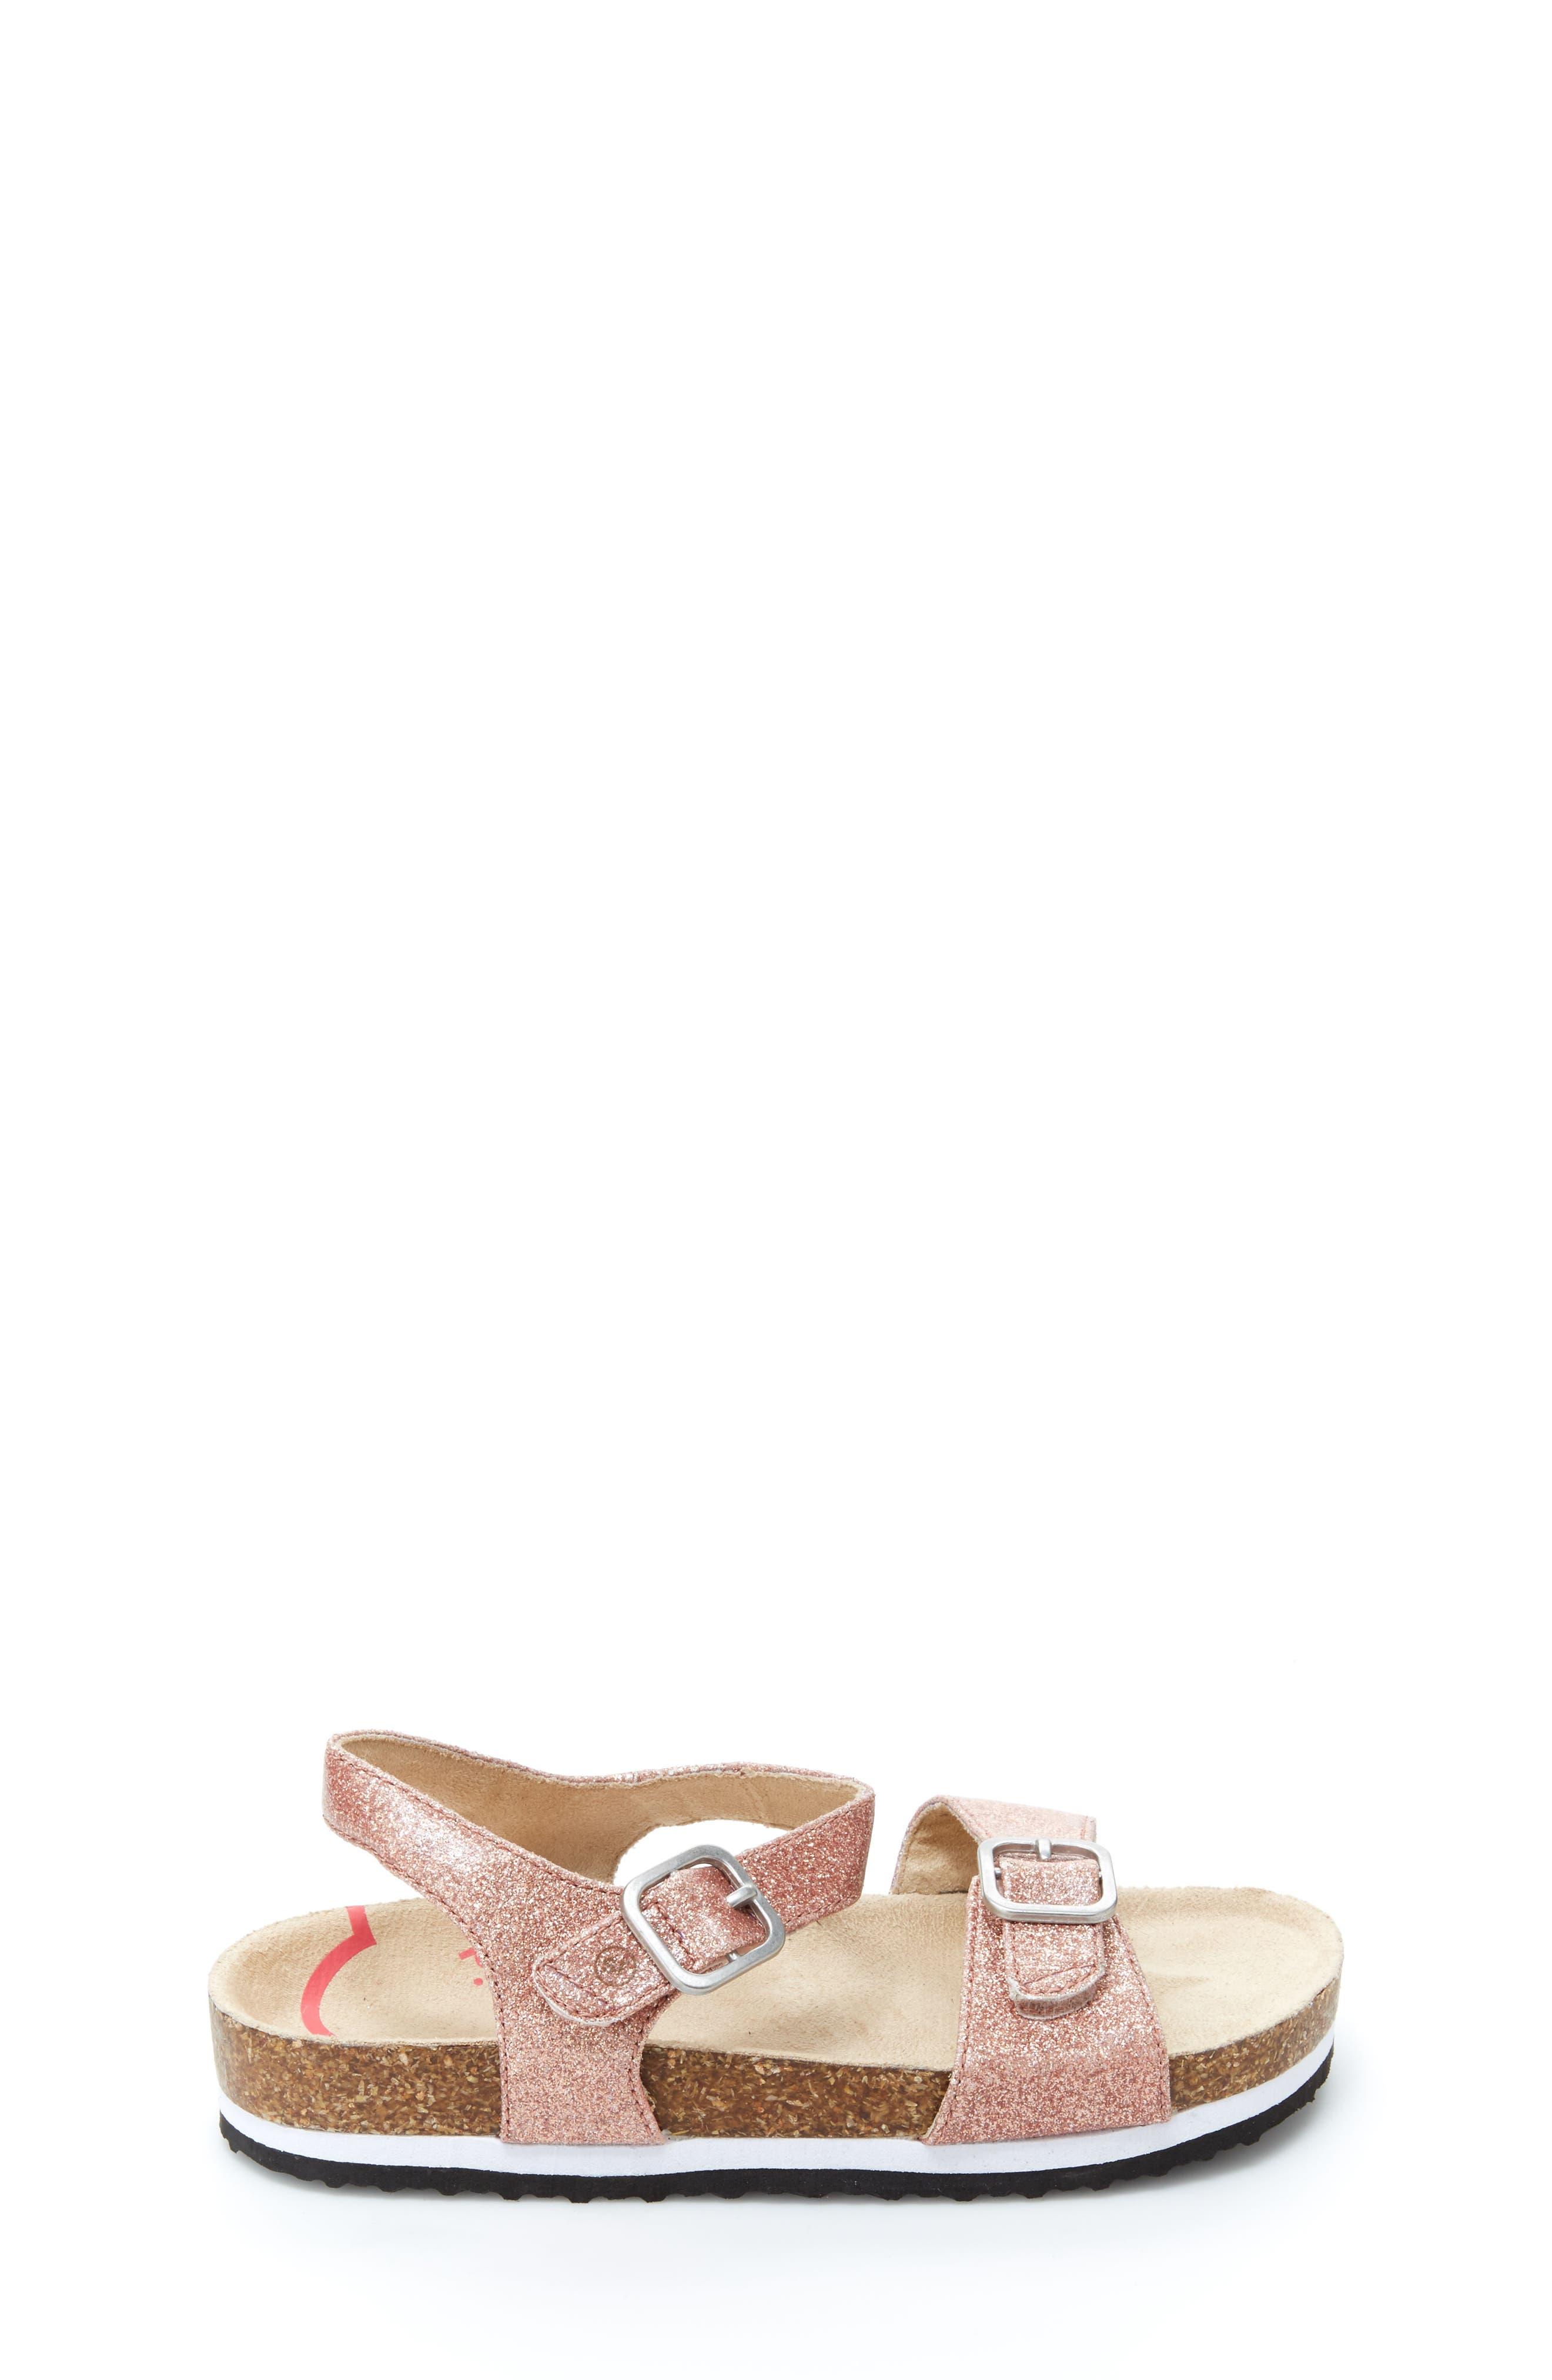 STRIDE RITE, Zuly Glitter Sandal, Alternate thumbnail 2, color, ROSE GOLD